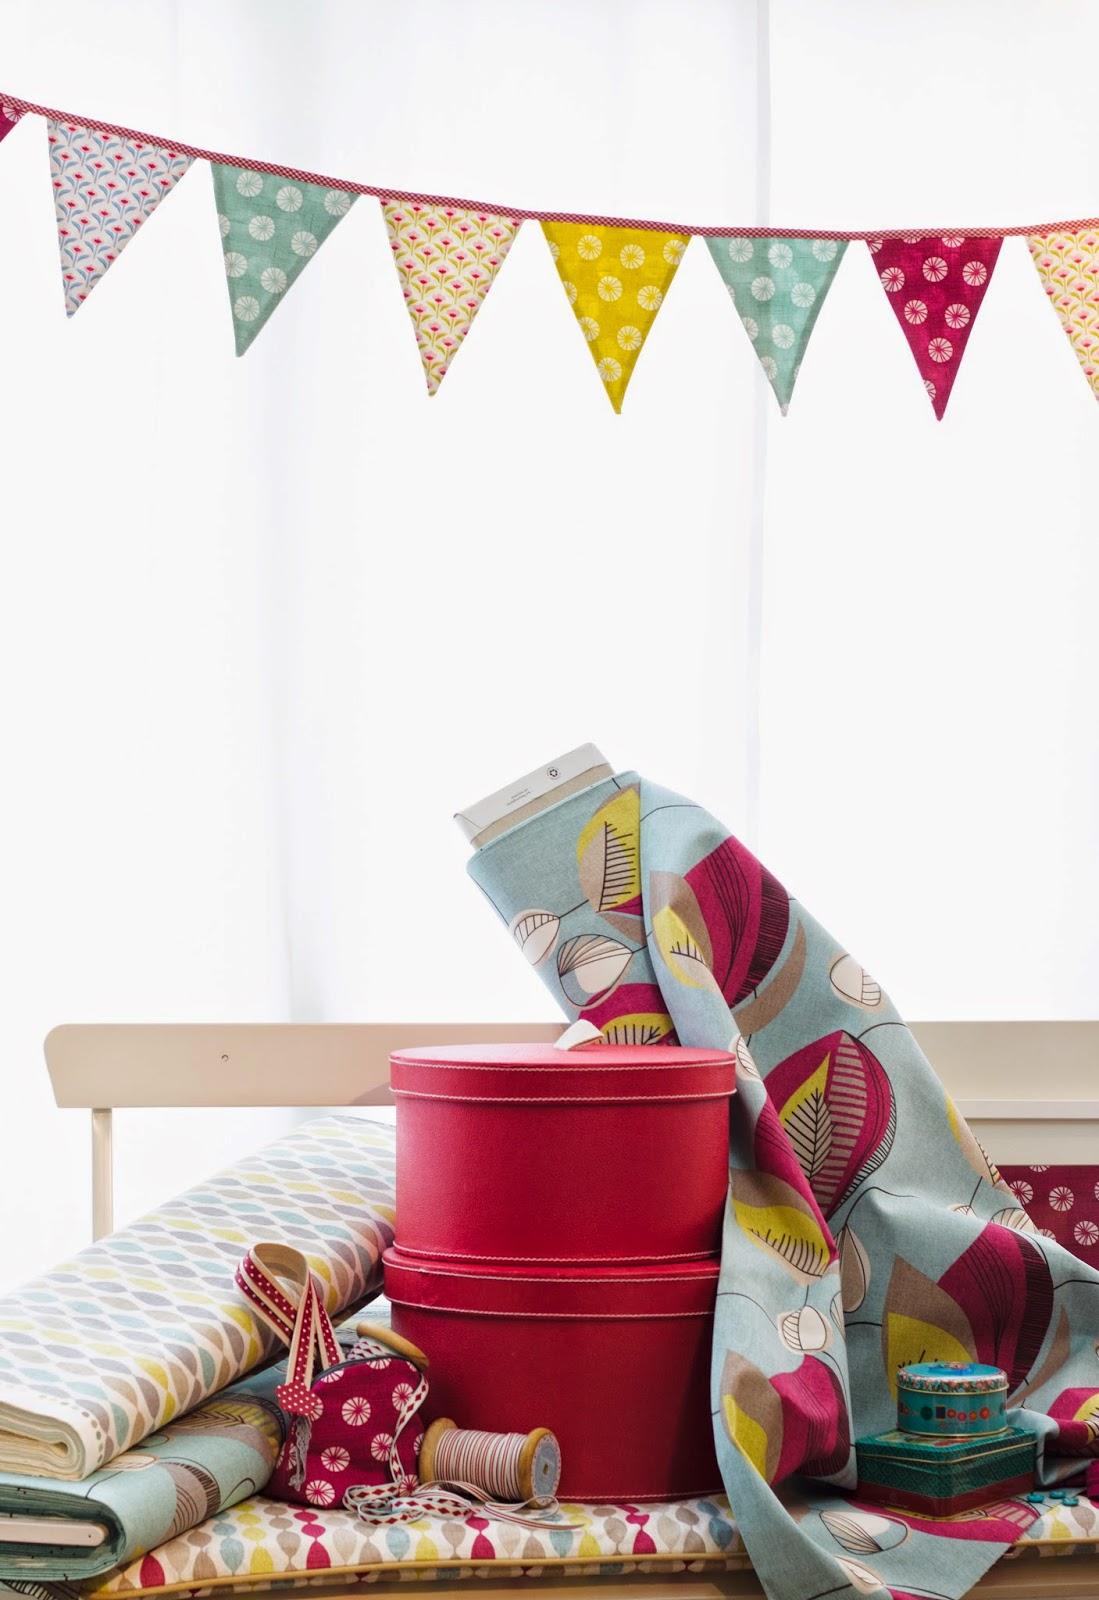 Frischer Wind für Euer Zuhause mit den wunderschönen Dekostoffen von Clarke & Clarke! 1